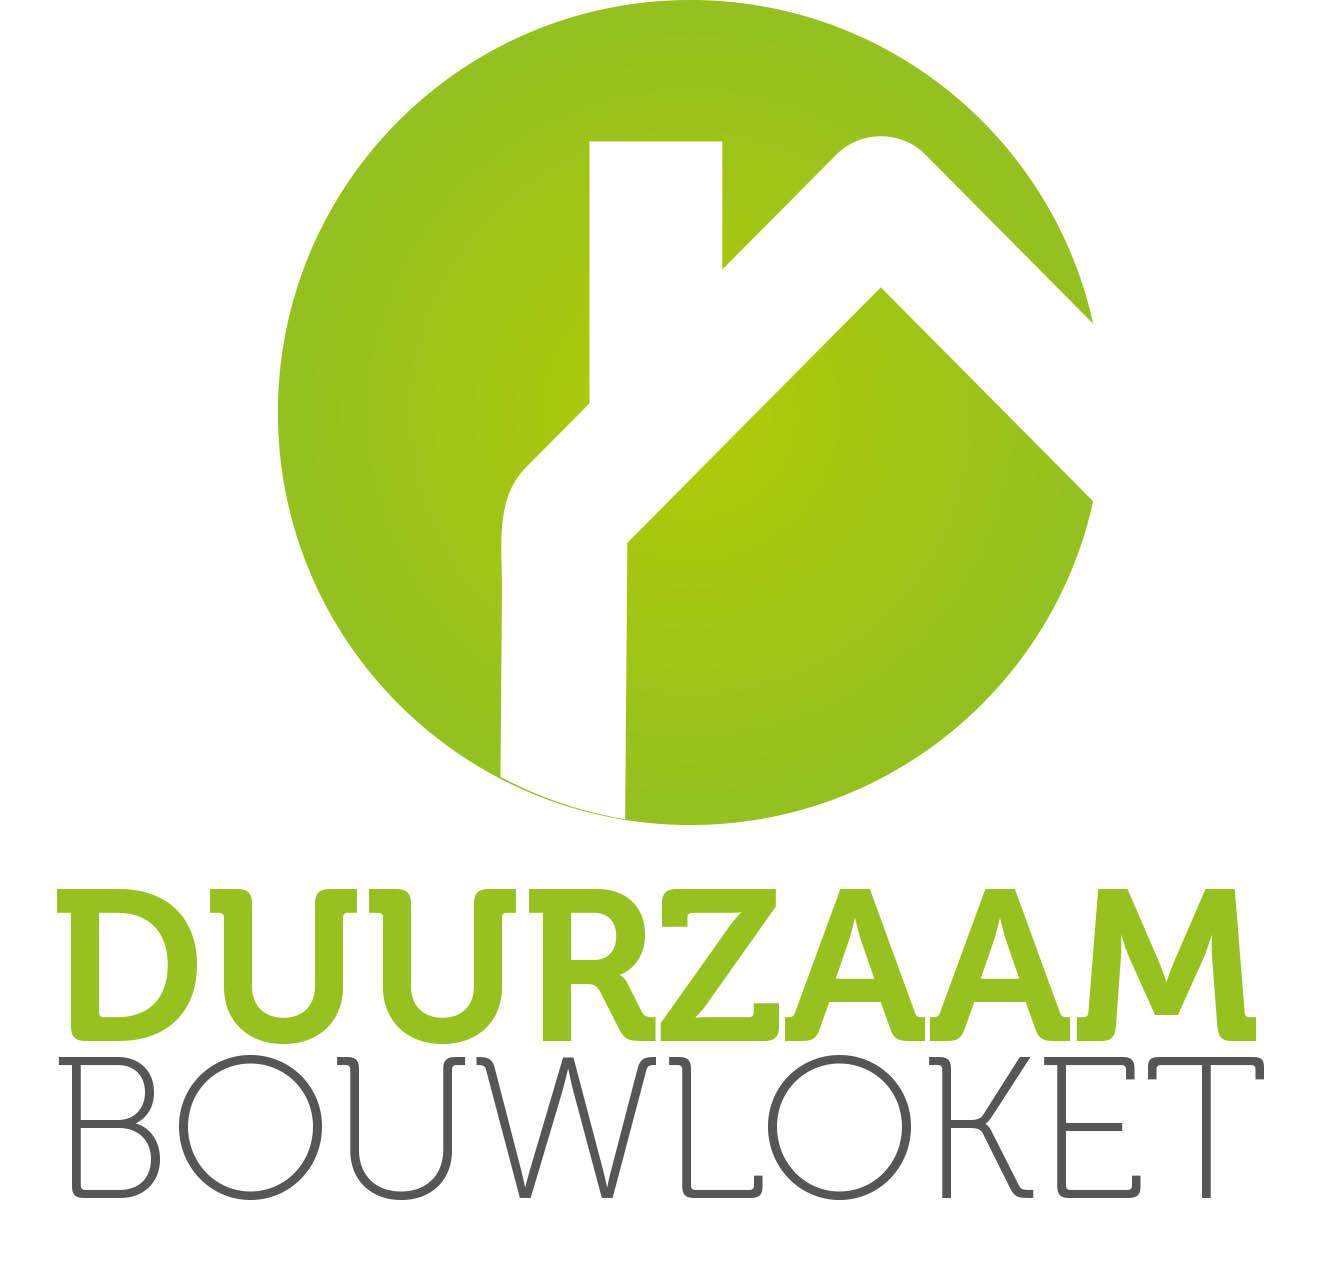 Website Duurzaam Bouwloket